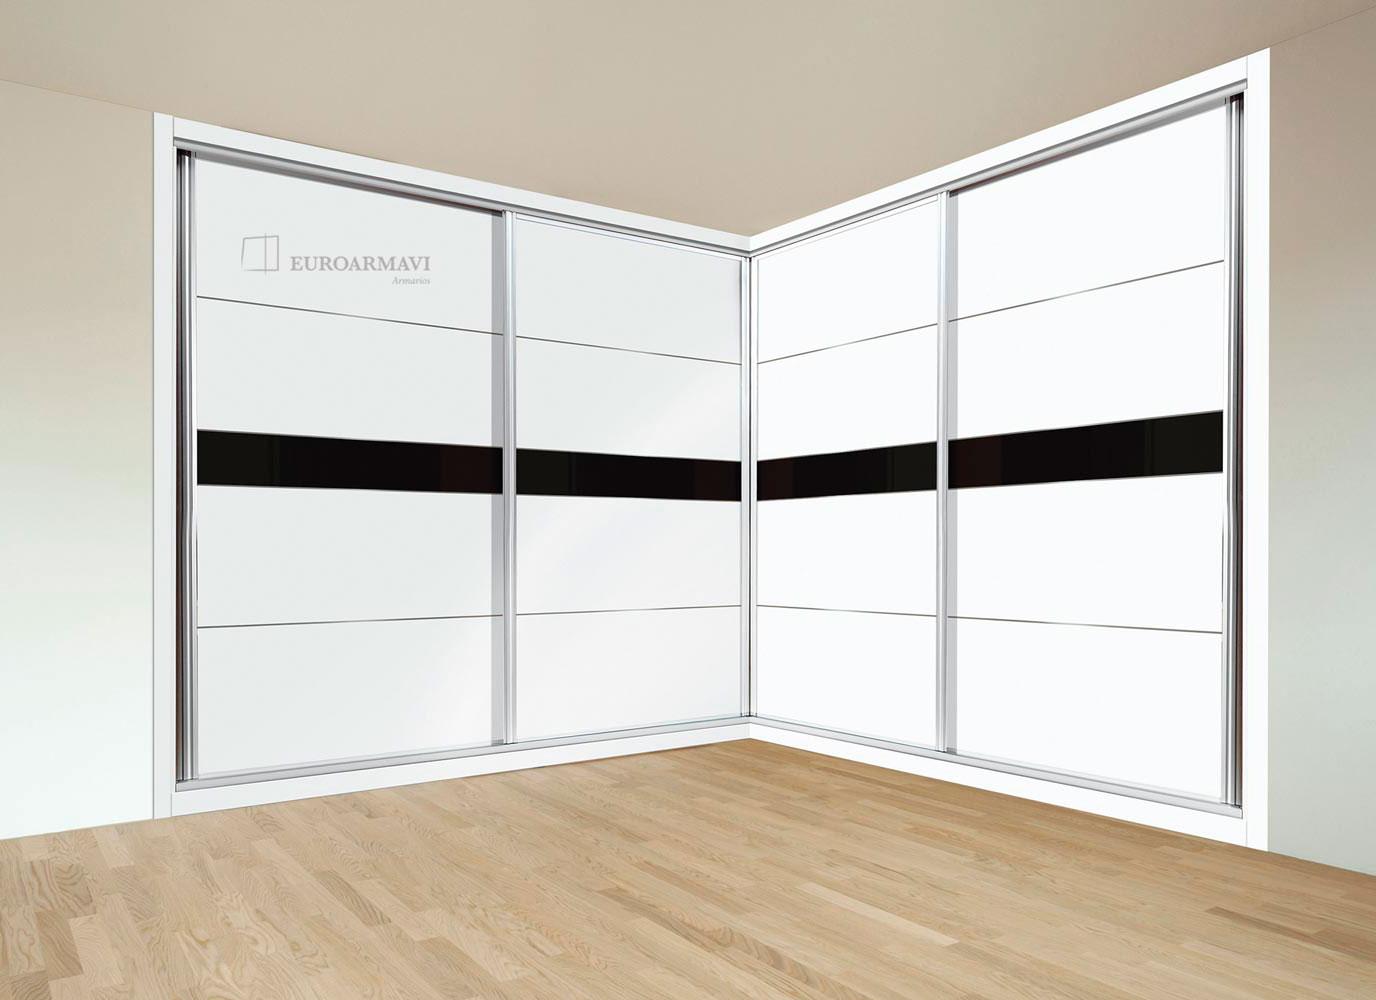 29-euroarmavi-armario-esquinado-dormitorio-mod-yuriia